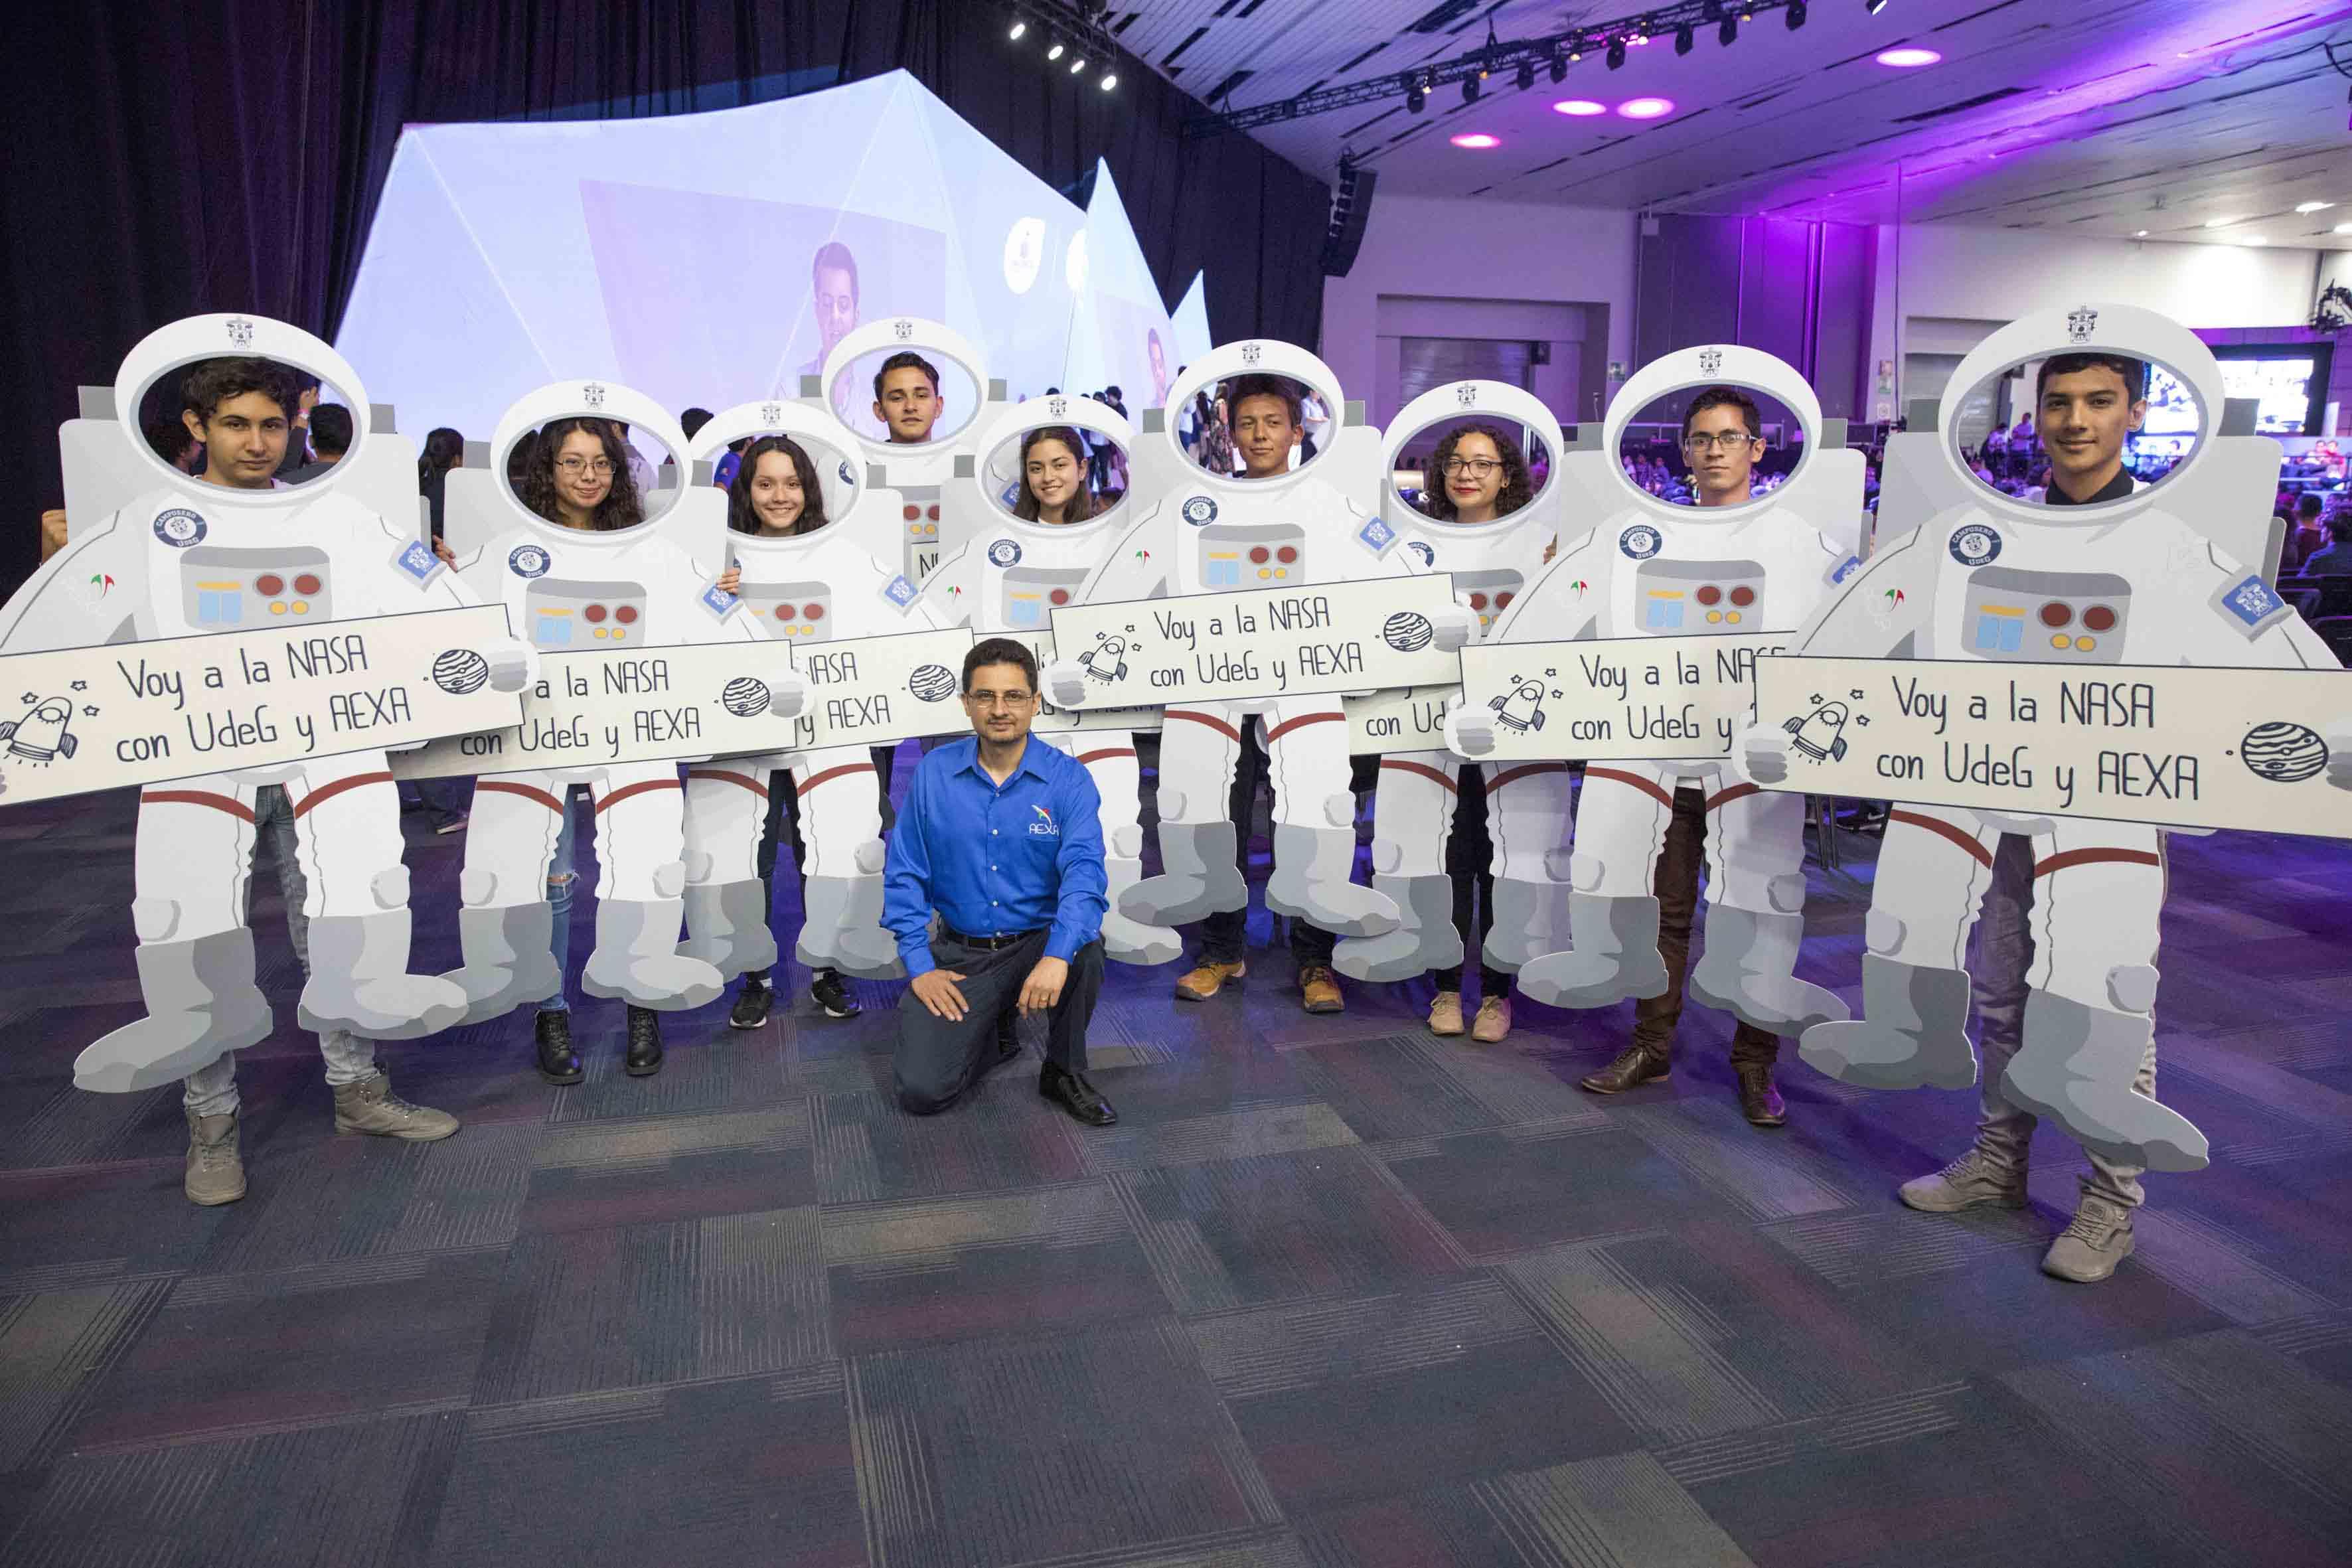 Estudiantes de la Universidad de Guadalajara y ganadores de ambos retos, posando con un traje espacial de cartón, para la fotografía grupal.